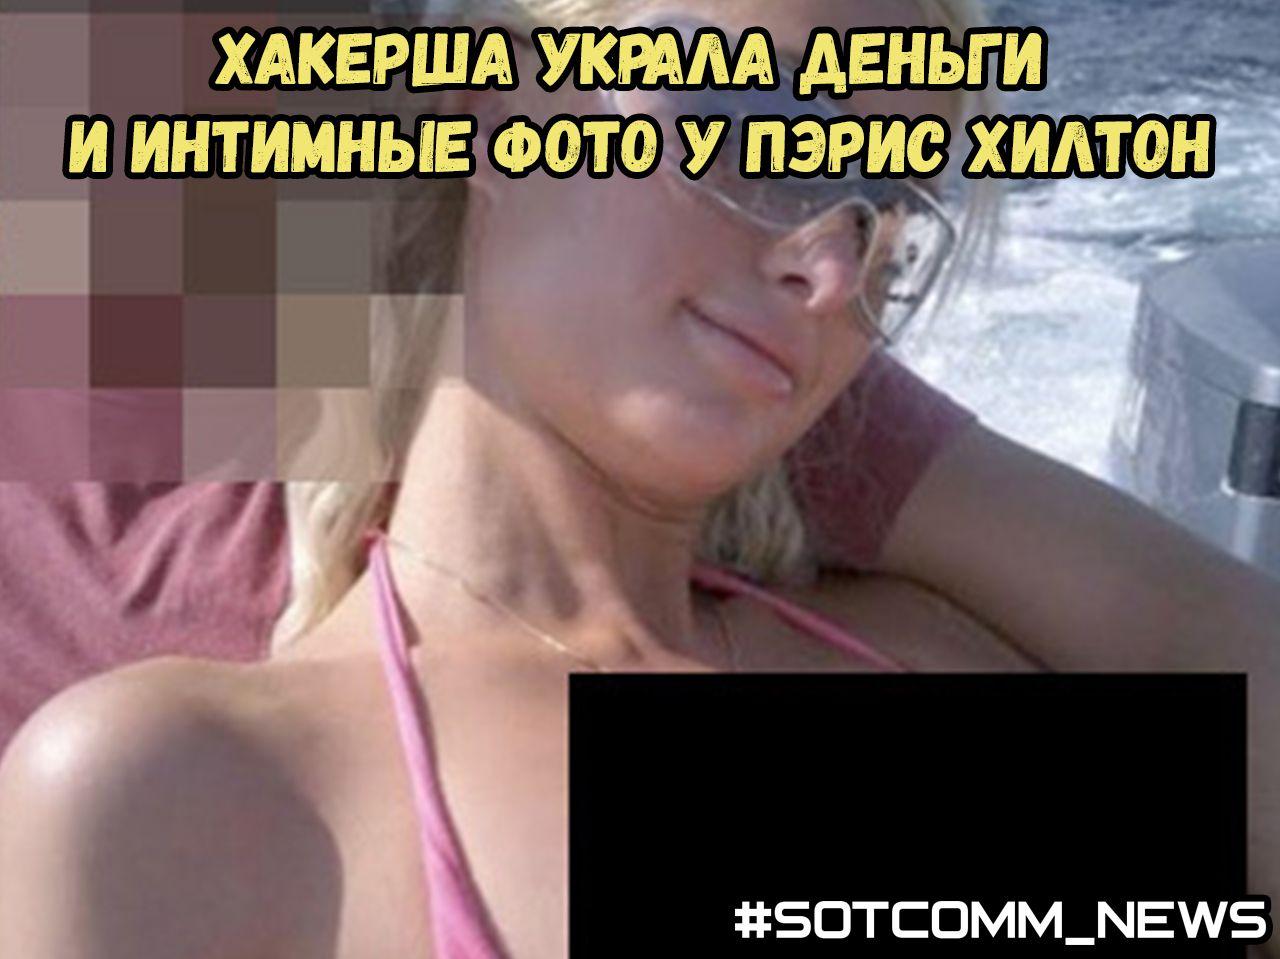 Хакерша украла деньги и интимные фото у Пэрис Хилтон